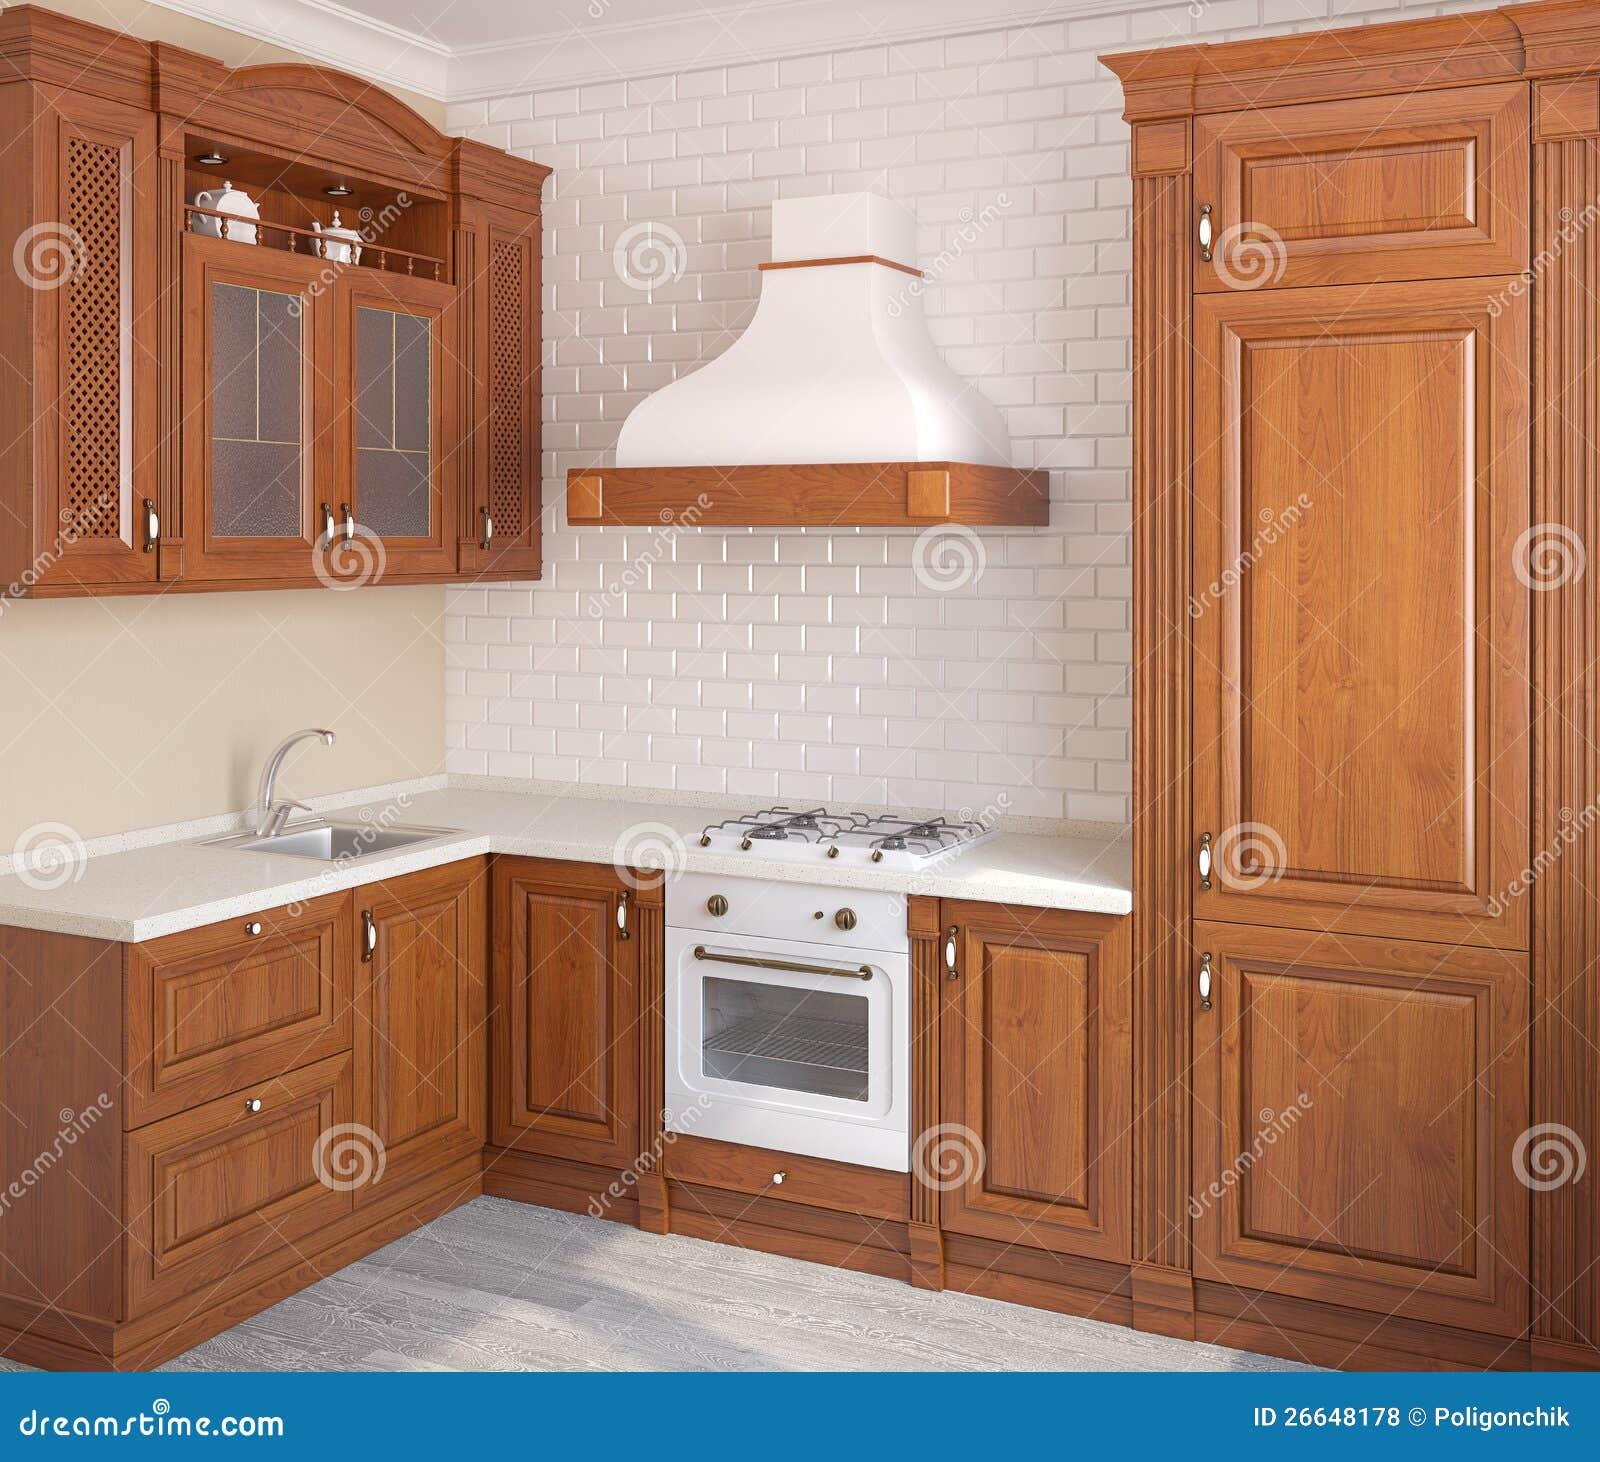 Cuisine classique en bois photos libres de droits image 26648178 Cuisine classique en bois massif